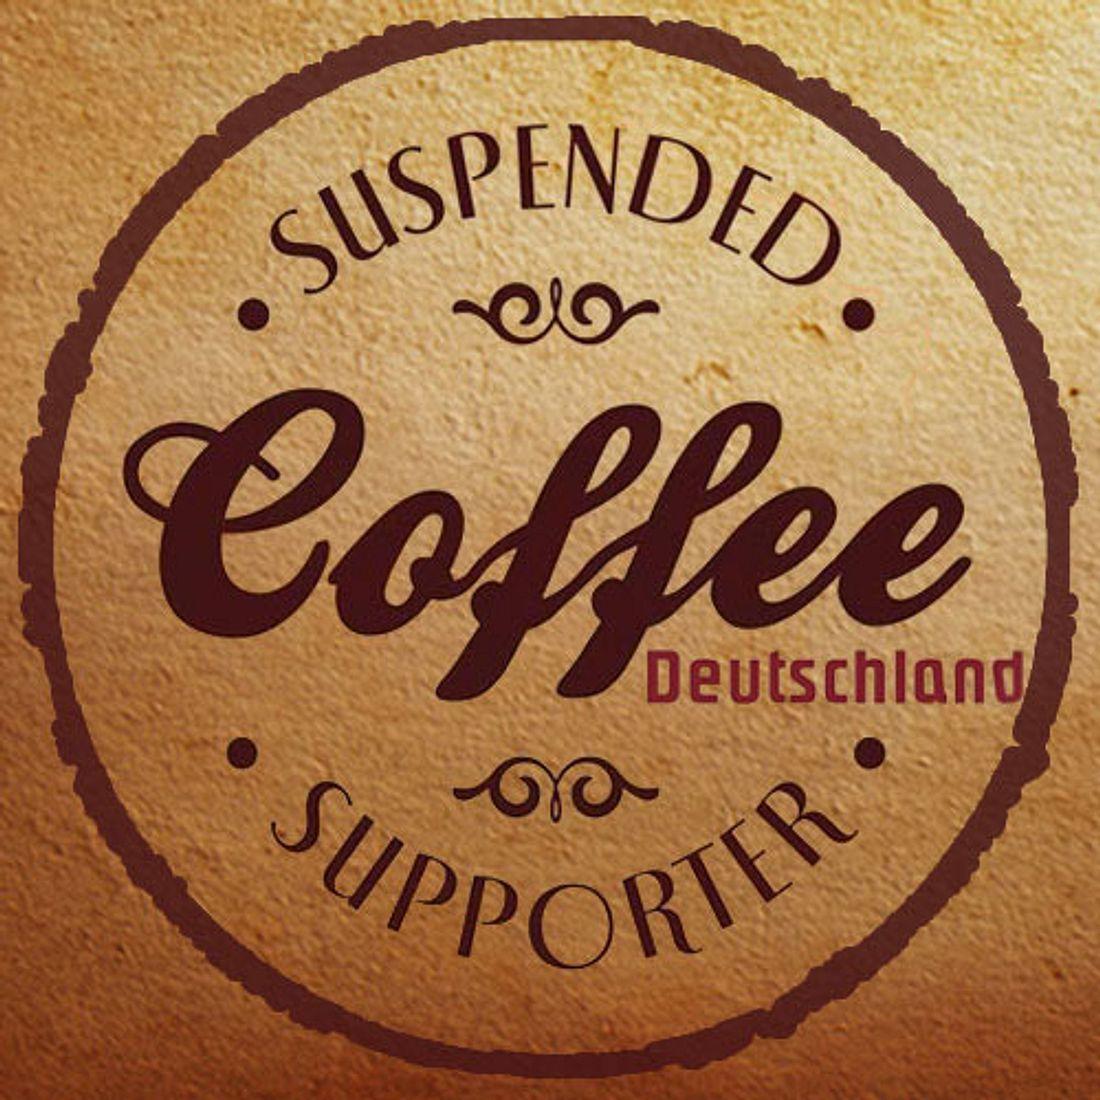 Suspended Deutsch